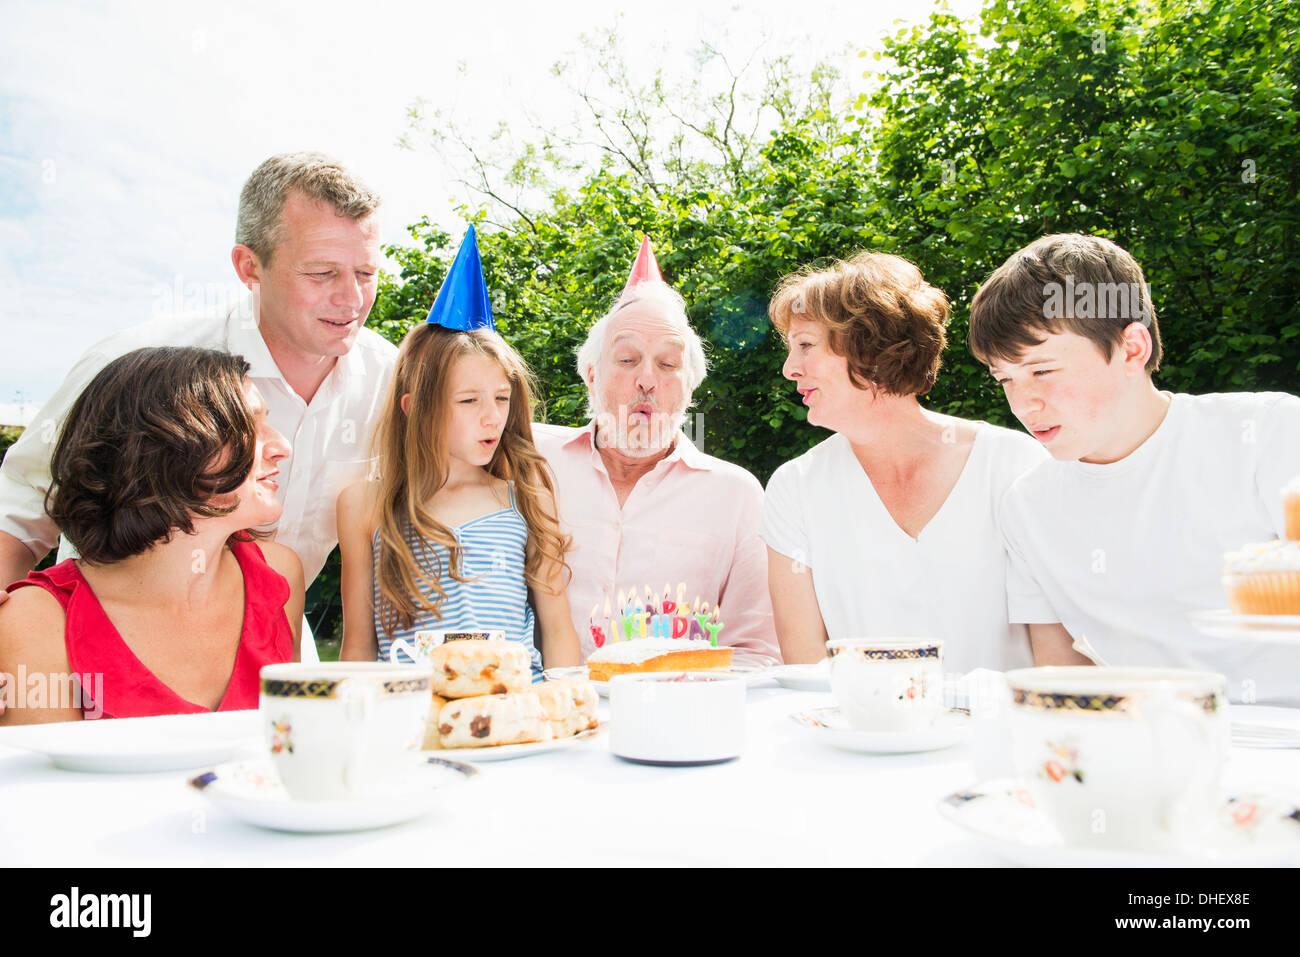 Famiglia Nonno festeggia il compleanno Immagini Stock